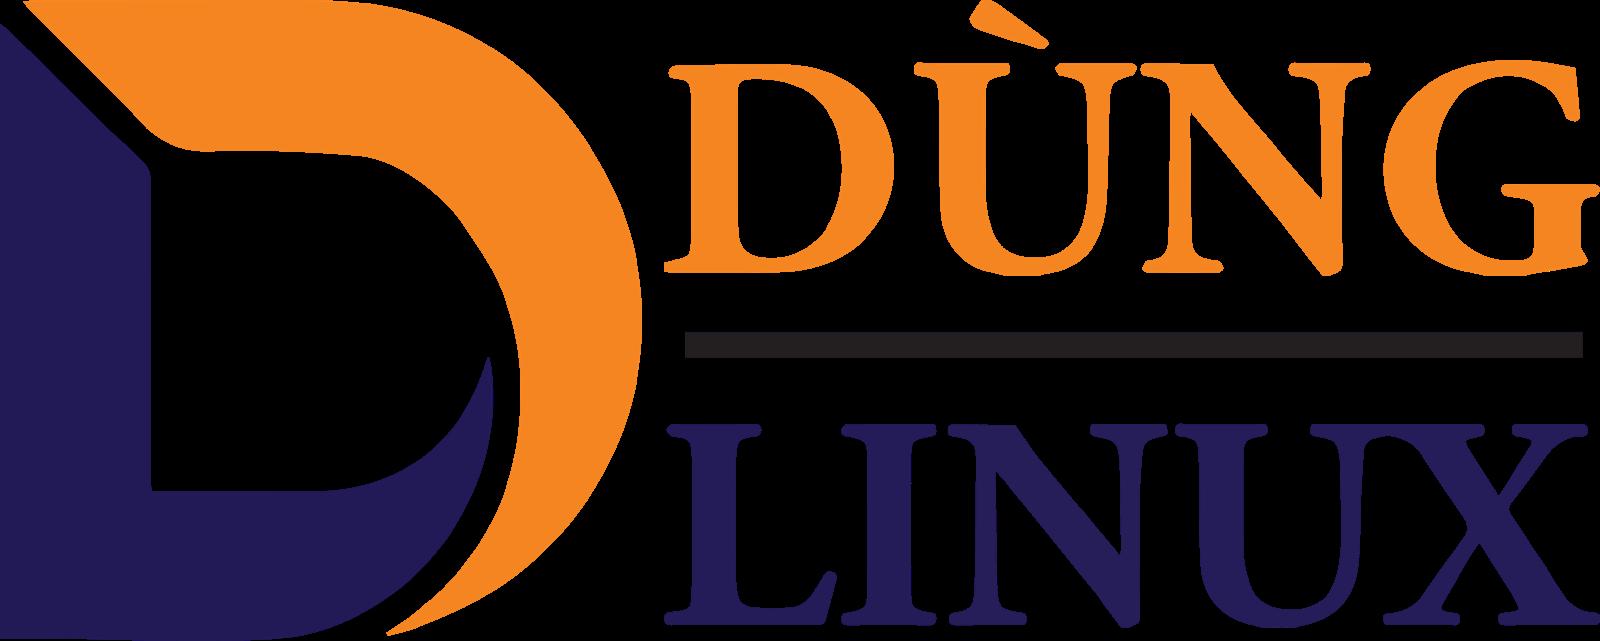 Dùng Linux - Chia sẻ kiến thức sử dụng Linux